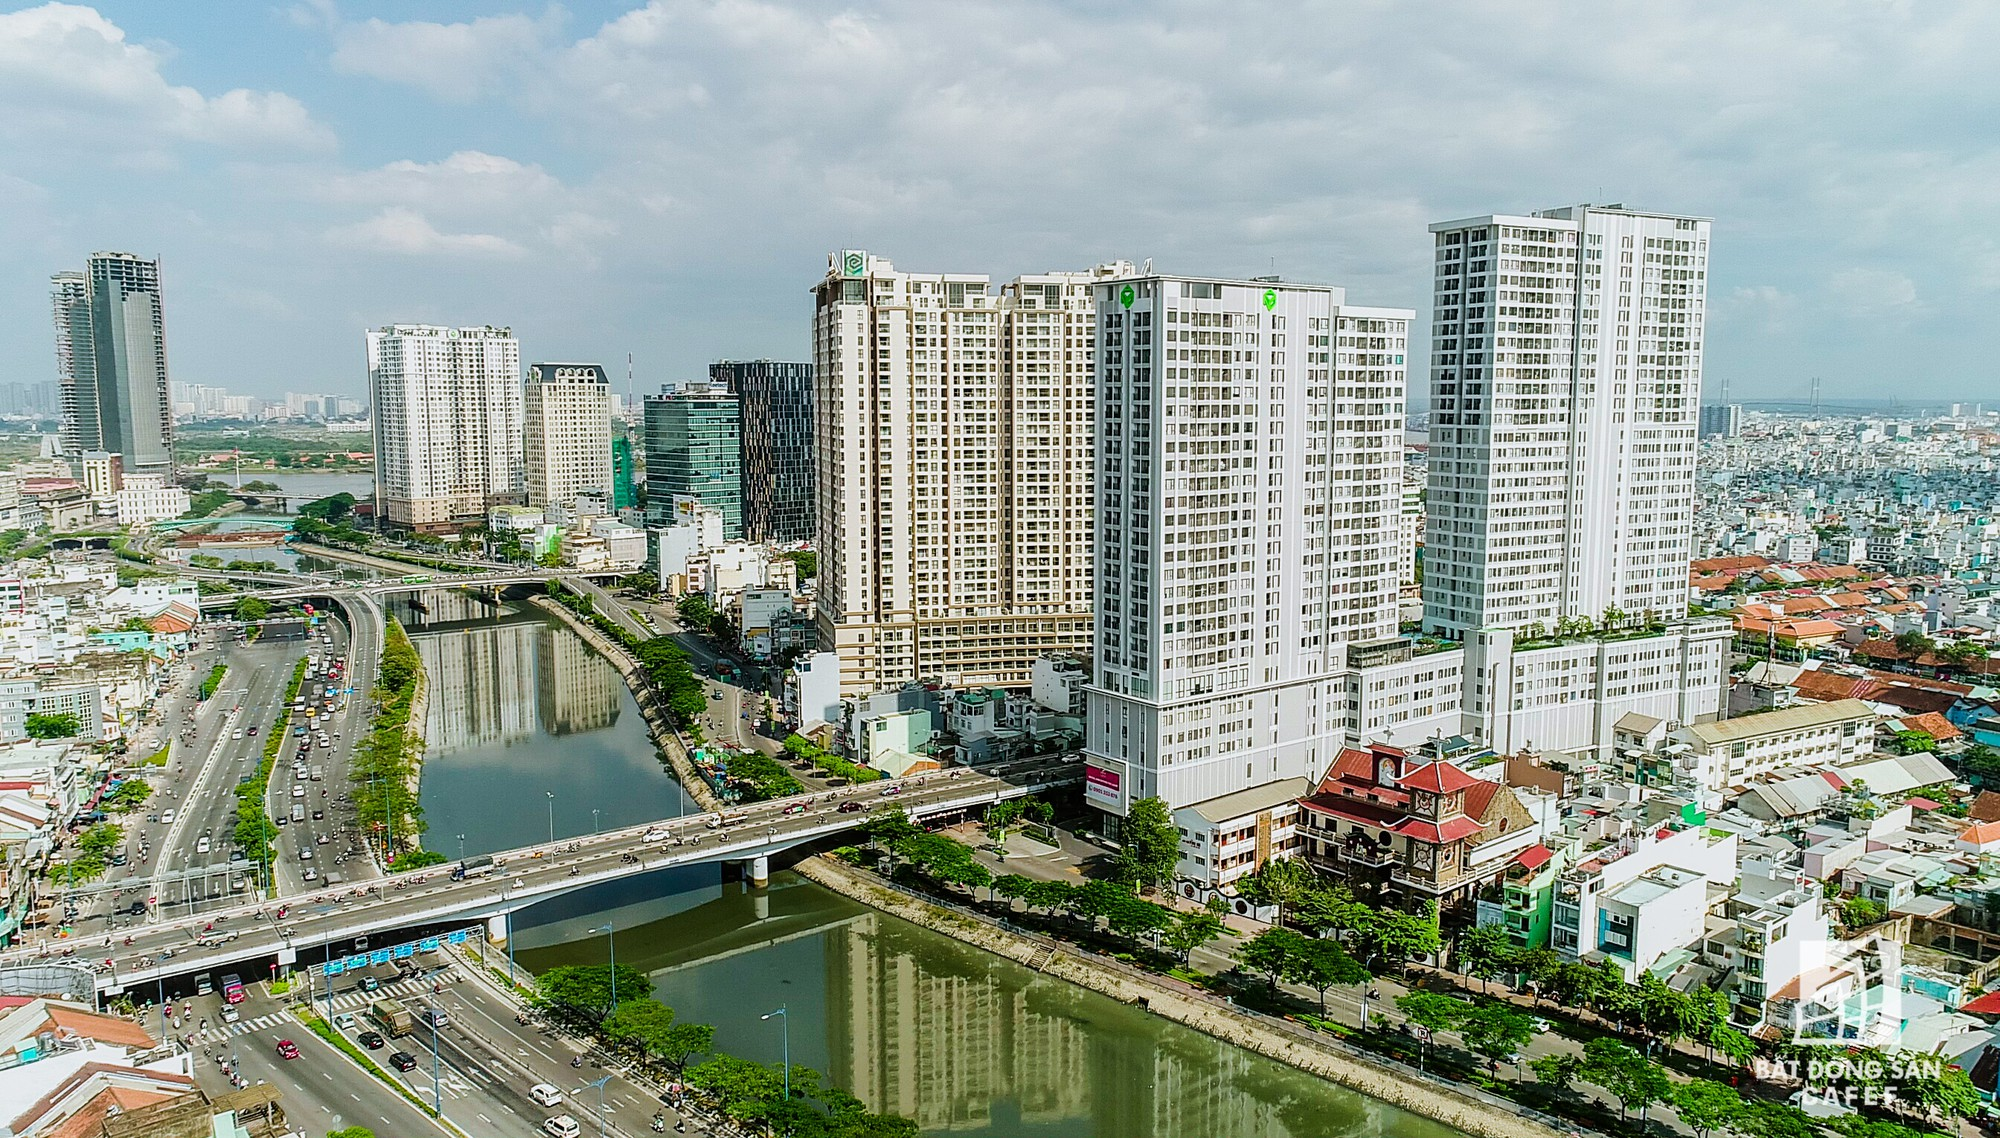 Toàn cảnh tiến độ các dự án của Novaland năm 2019 tại TP.HCM, Vũng Tàu, Phan Thiết và Cam Ranh - Ảnh 6.